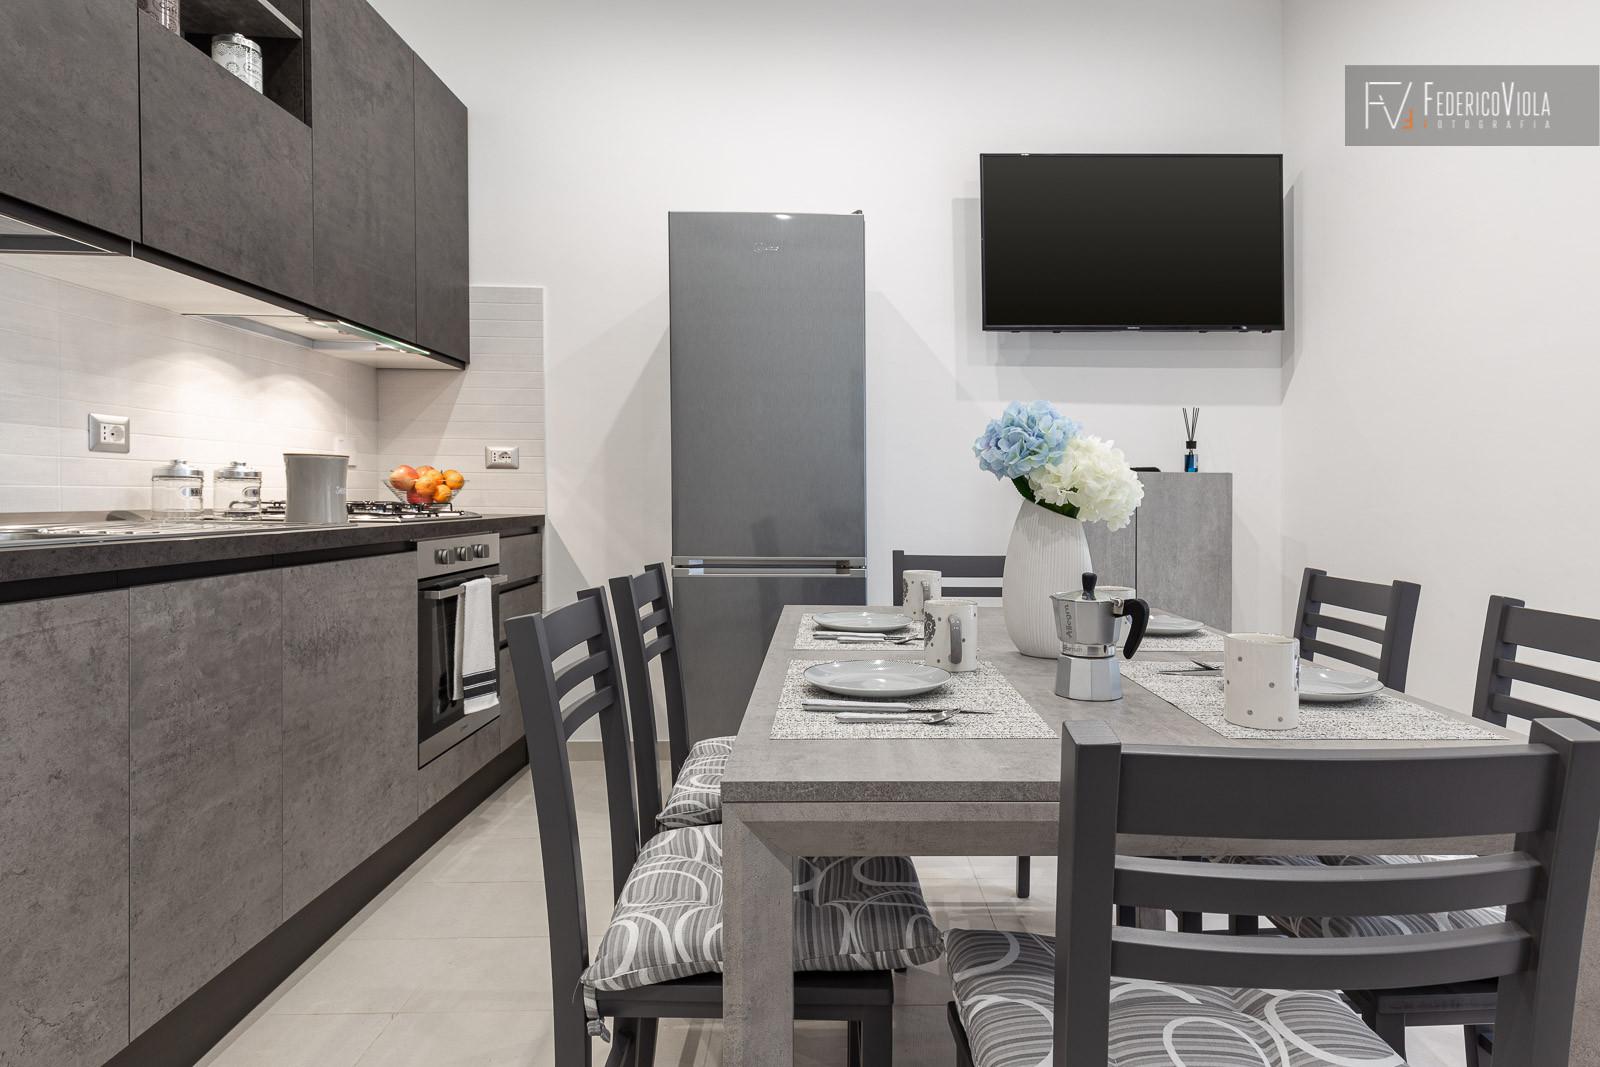 Foto-appartamento-mv-in-affitto-Gaeta-2.